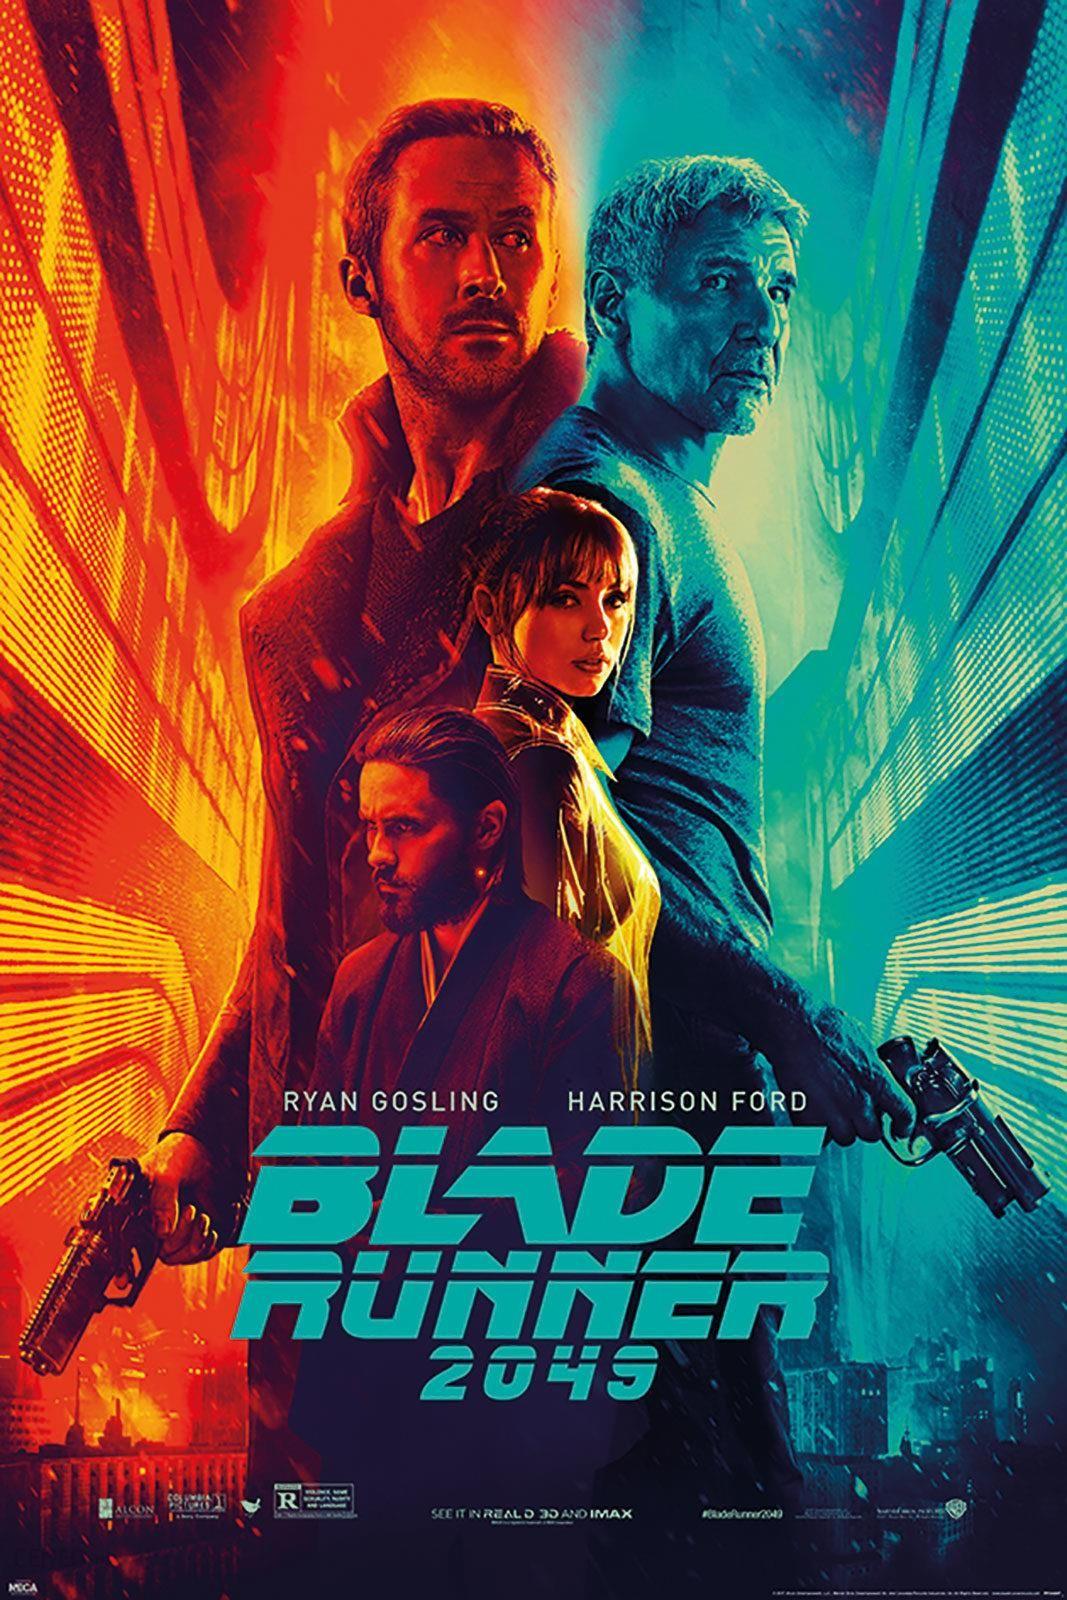 Blade Runner 2049 Ogień I Lód Plakat Kinowy 61x915 Cm Pp34247 Opinie I Atrakcyjne Ceny Na Ceneopl